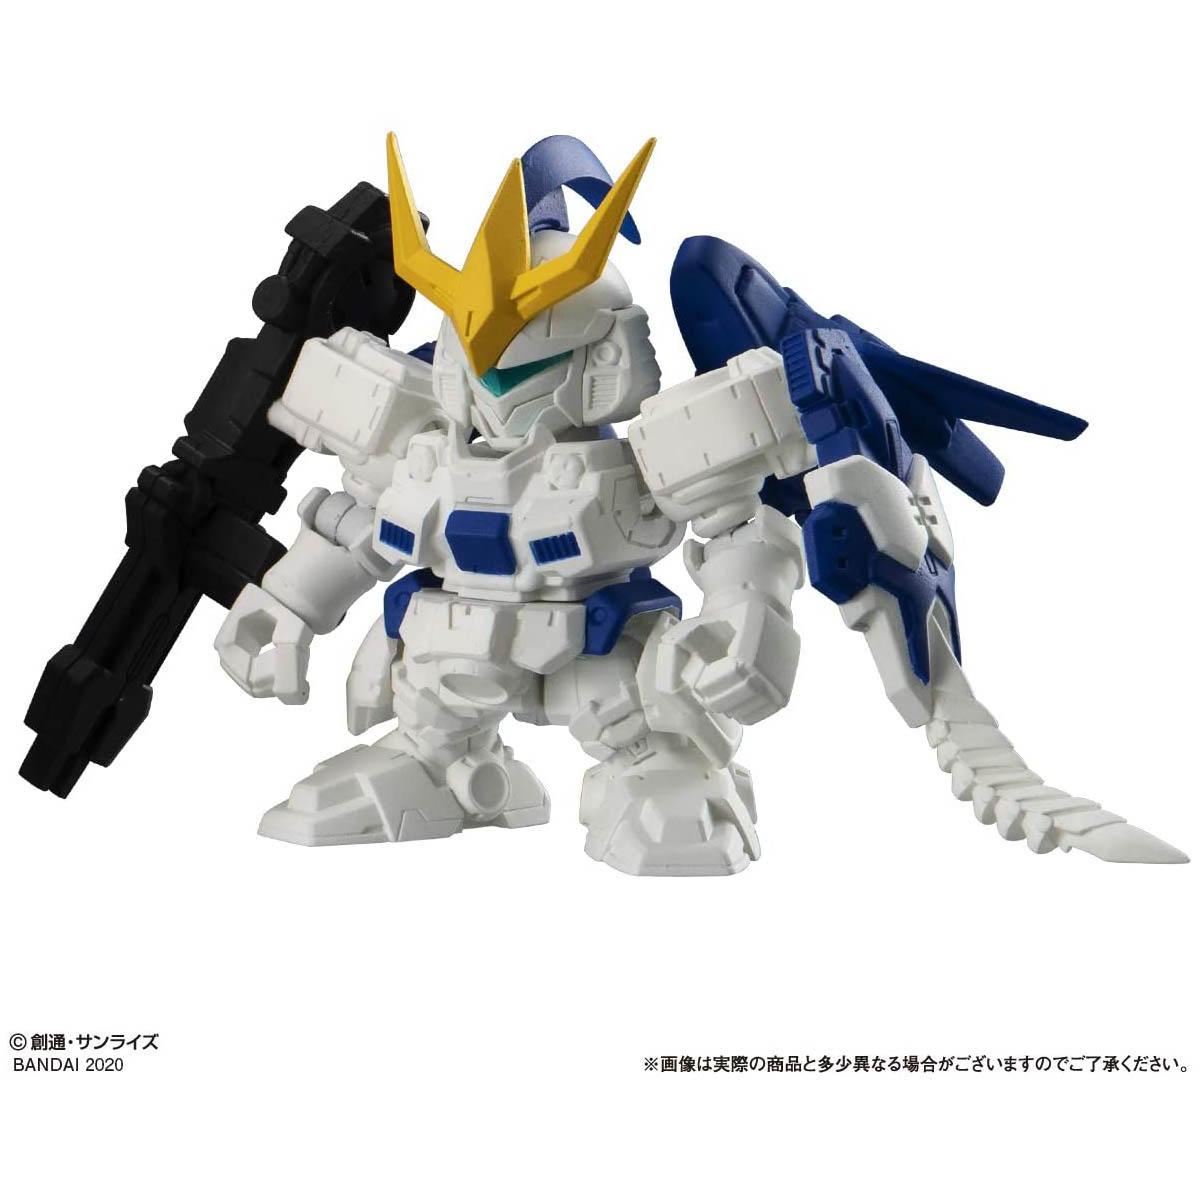 【ガシャポン】機動戦士ガンダム『ガシャポン戦士フォルテ11』12個入りBOX-006